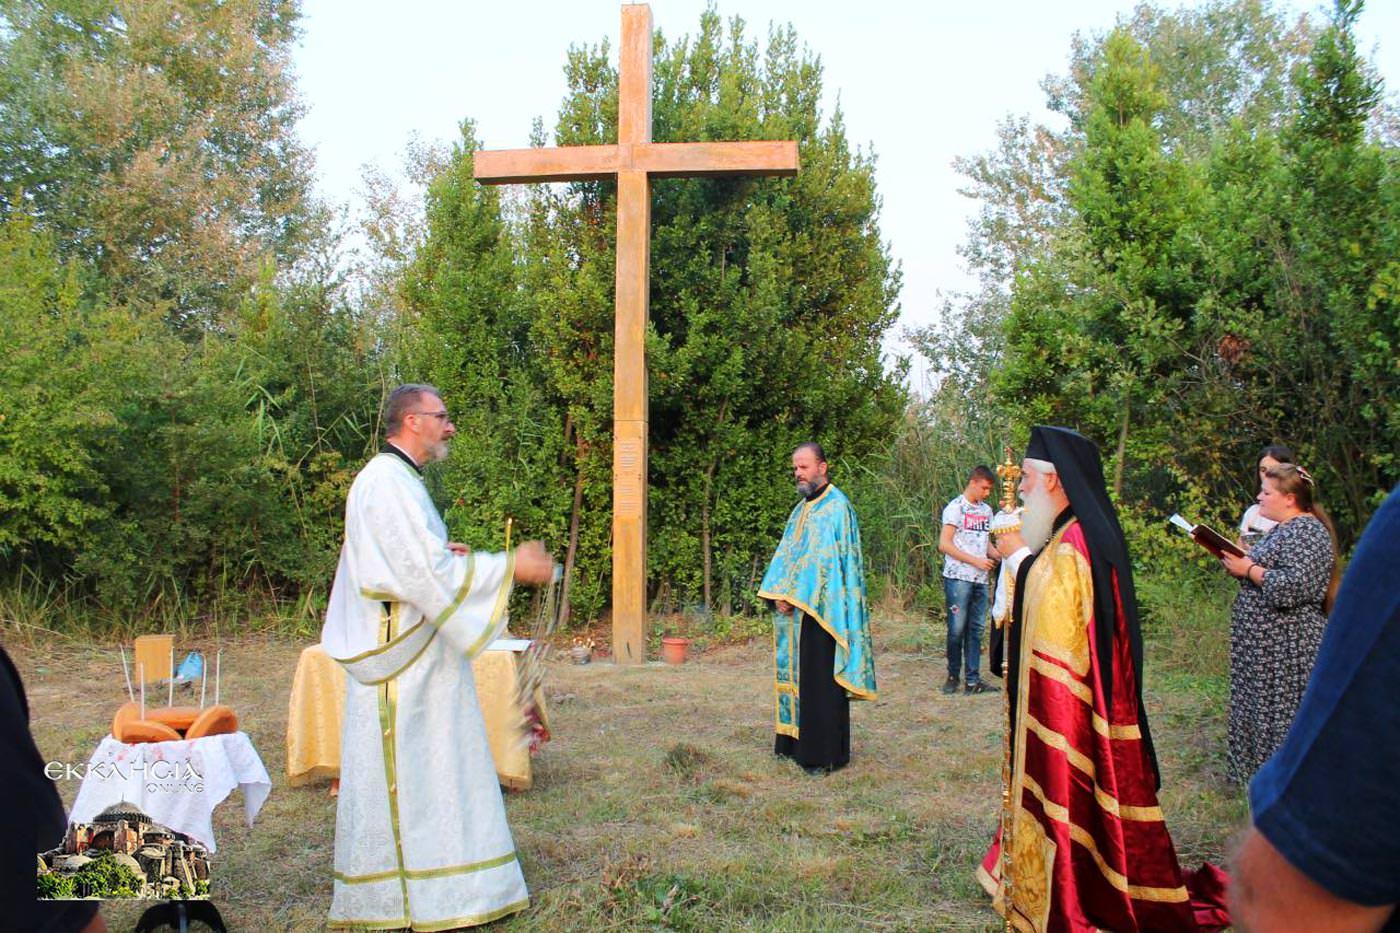 λιτανεία λειψάνου του Αγίου Κοσμά Αλβανία